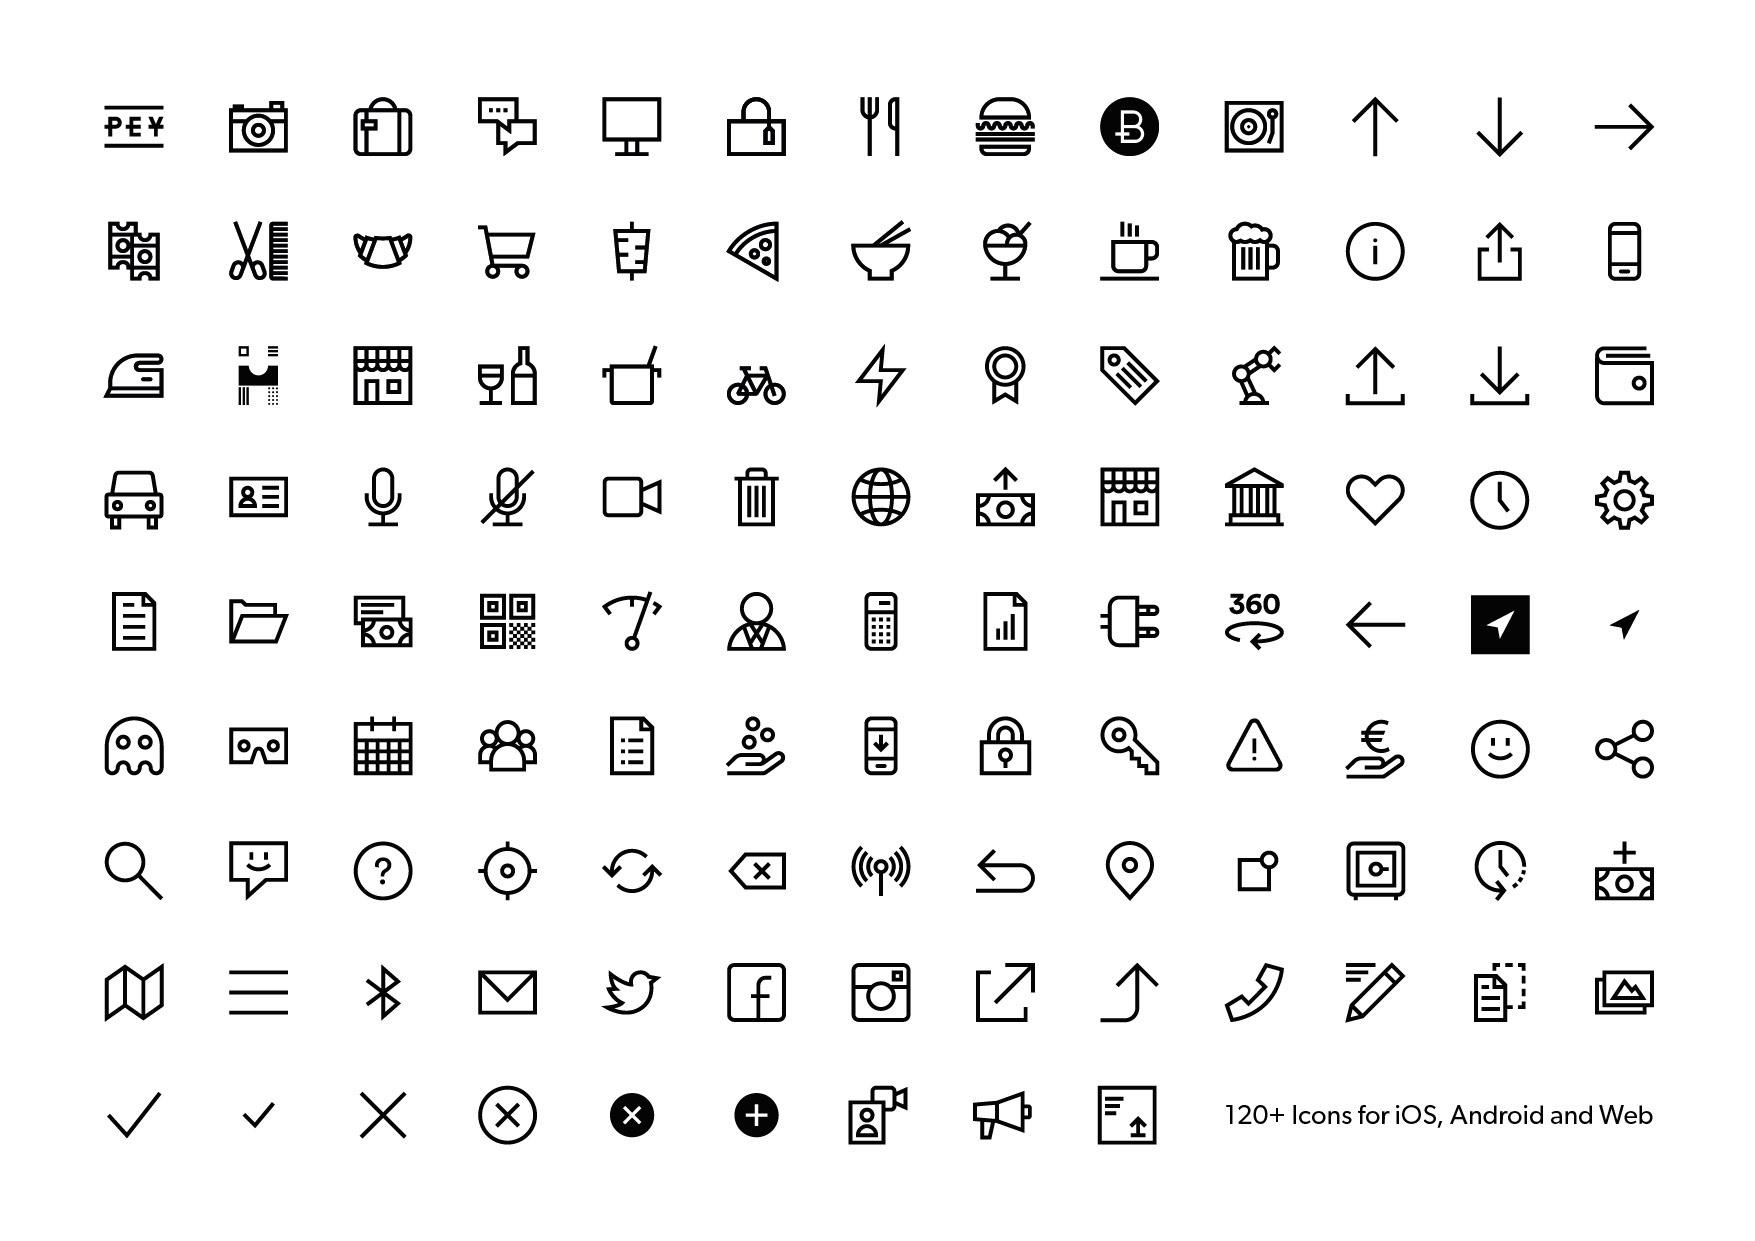 glenn garriock icon design